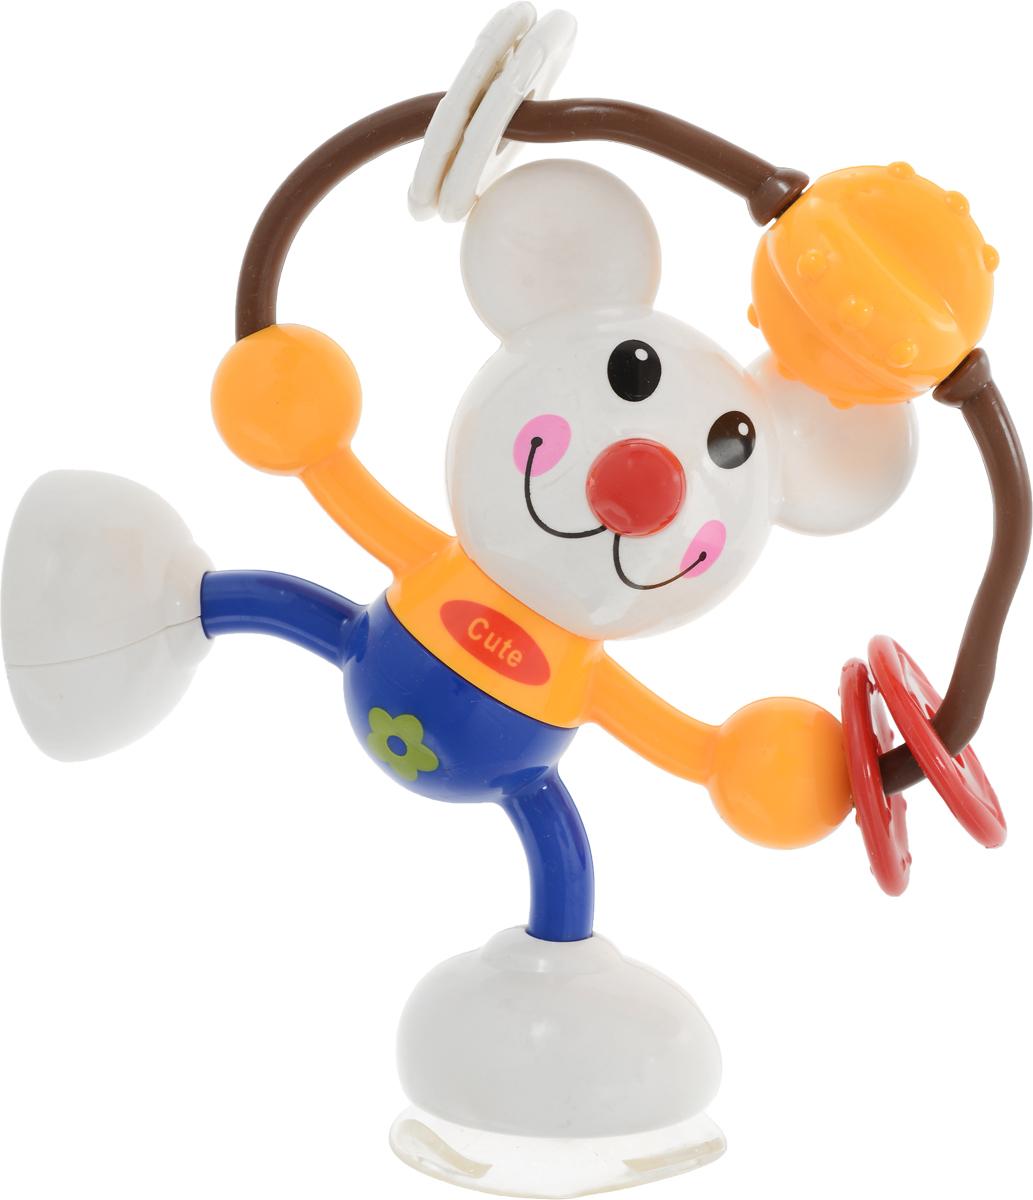 Ути-Пути Развивающая игрушка Мышка цвет белый синий желтый elc развивающая игрушка мышка на скутере цвет красный